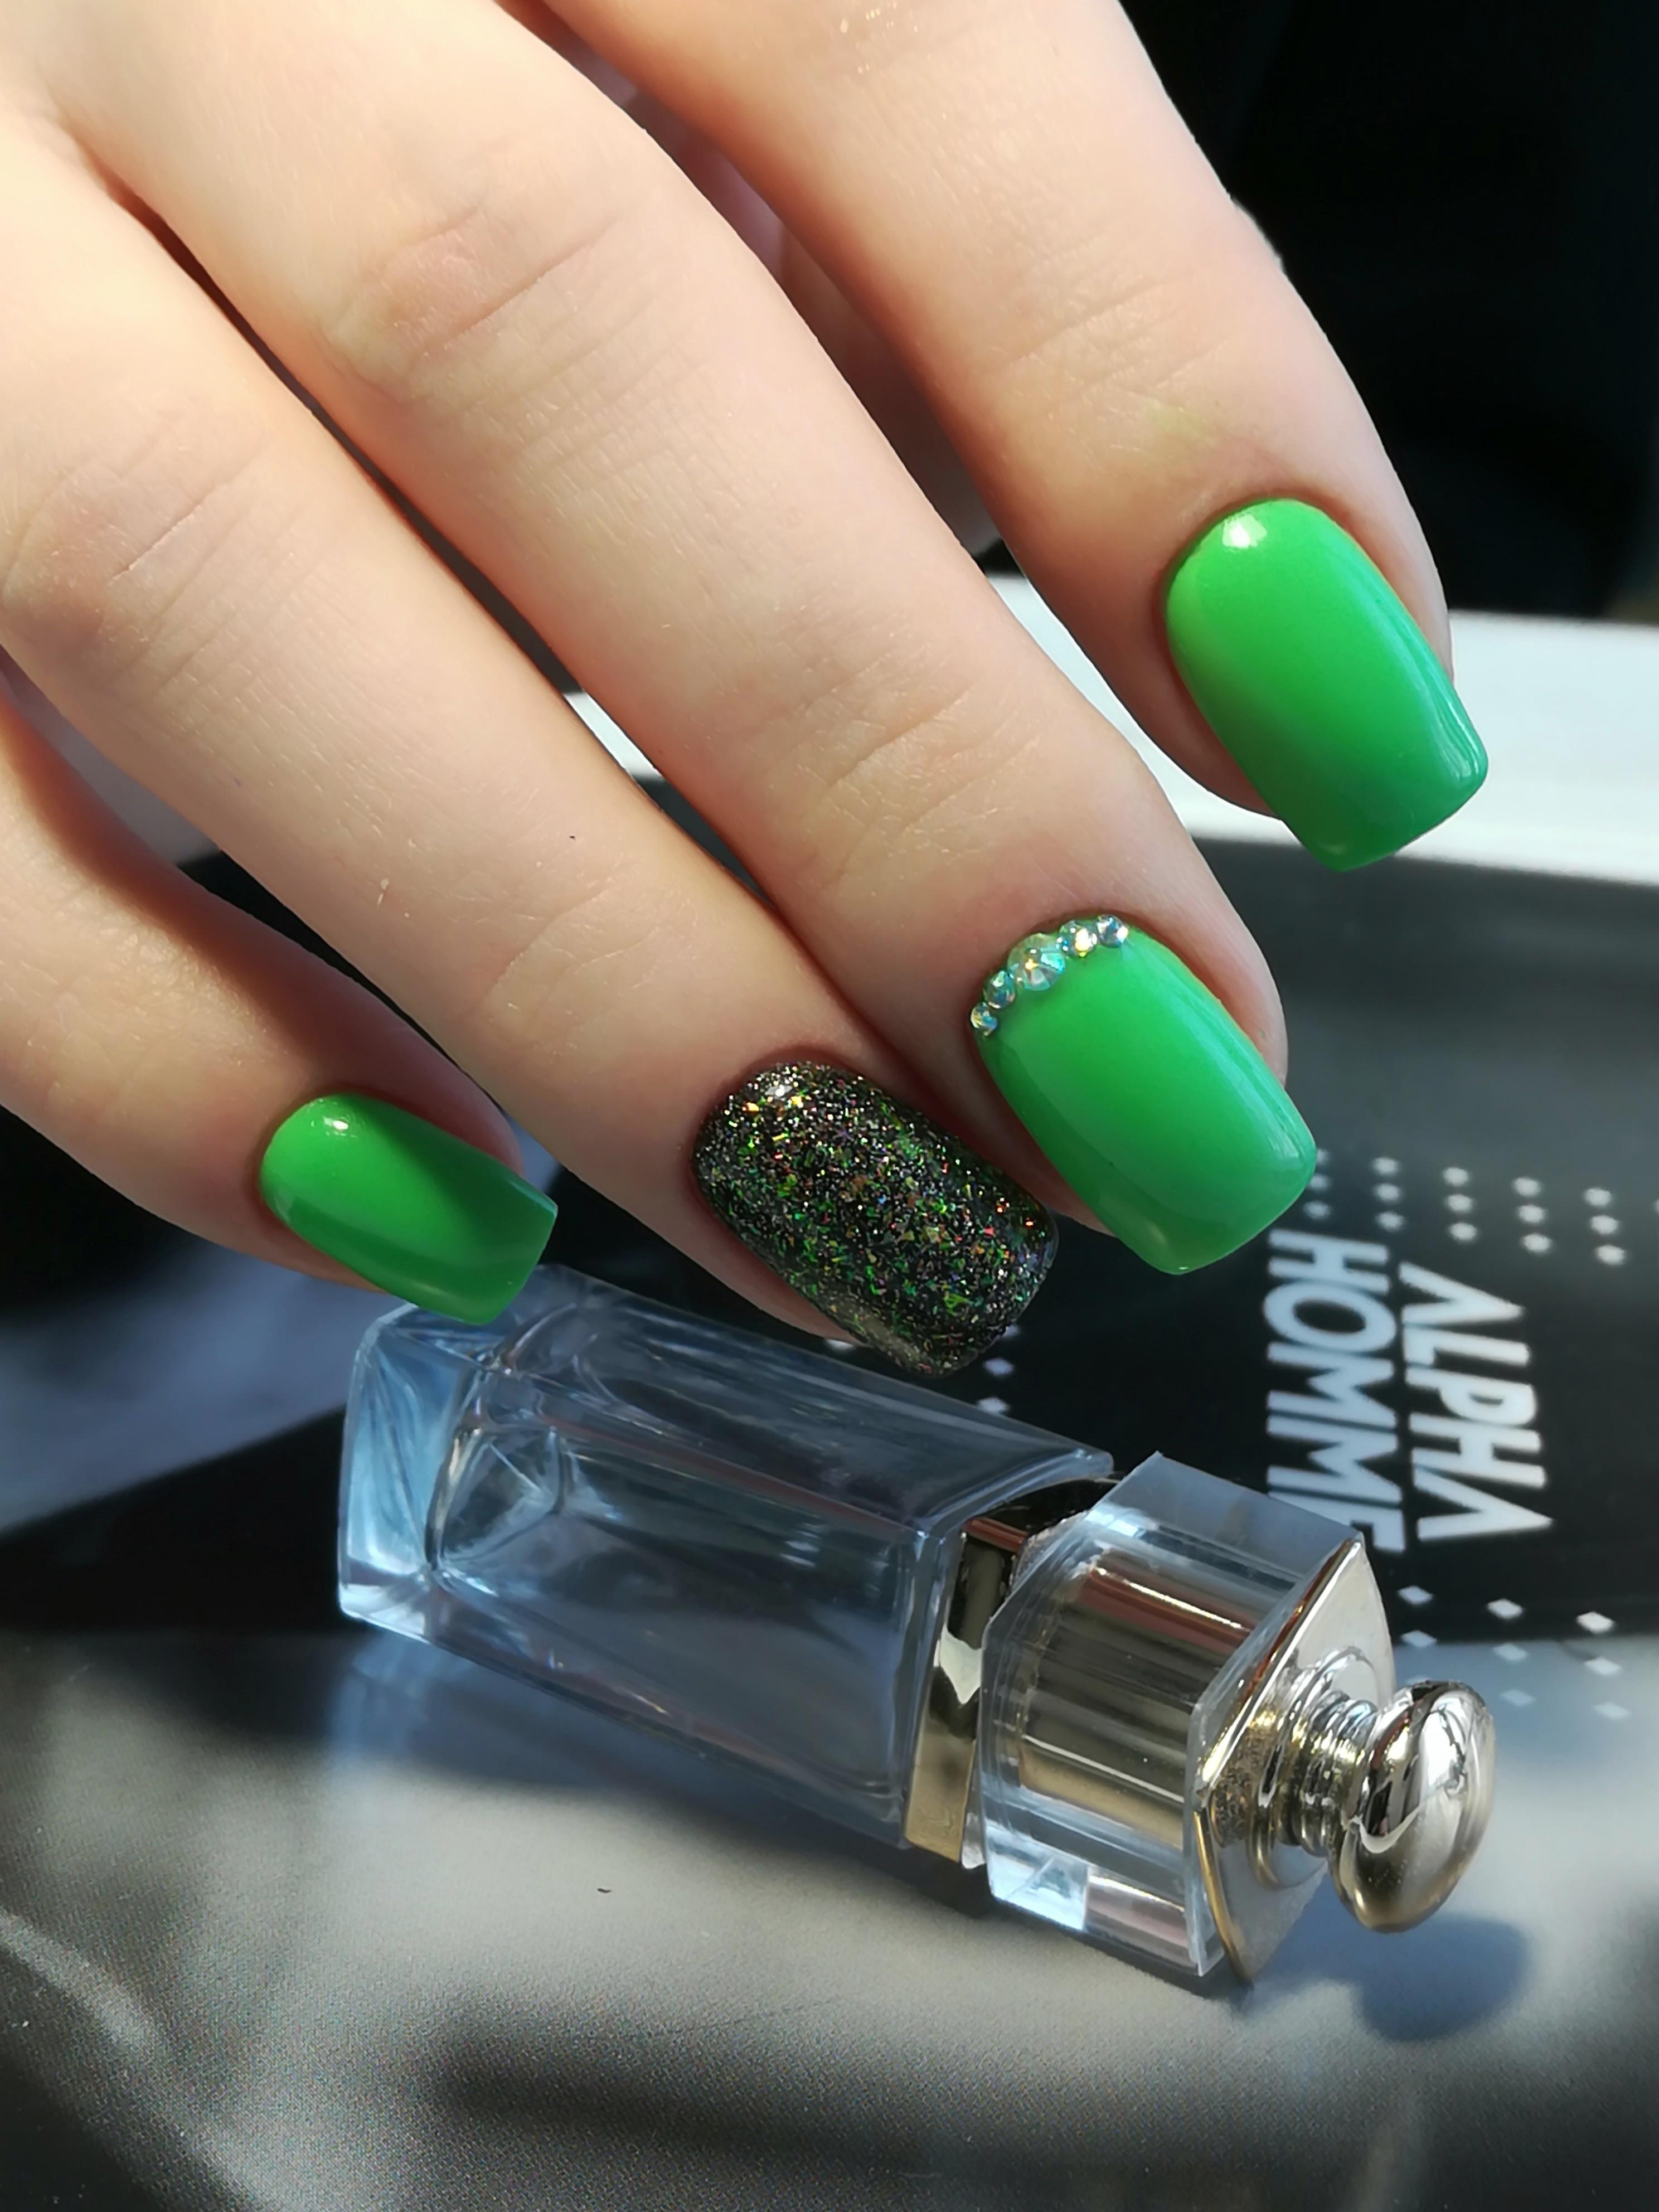 Маникюр с цветными блестками и стразами в зеленом цвете.